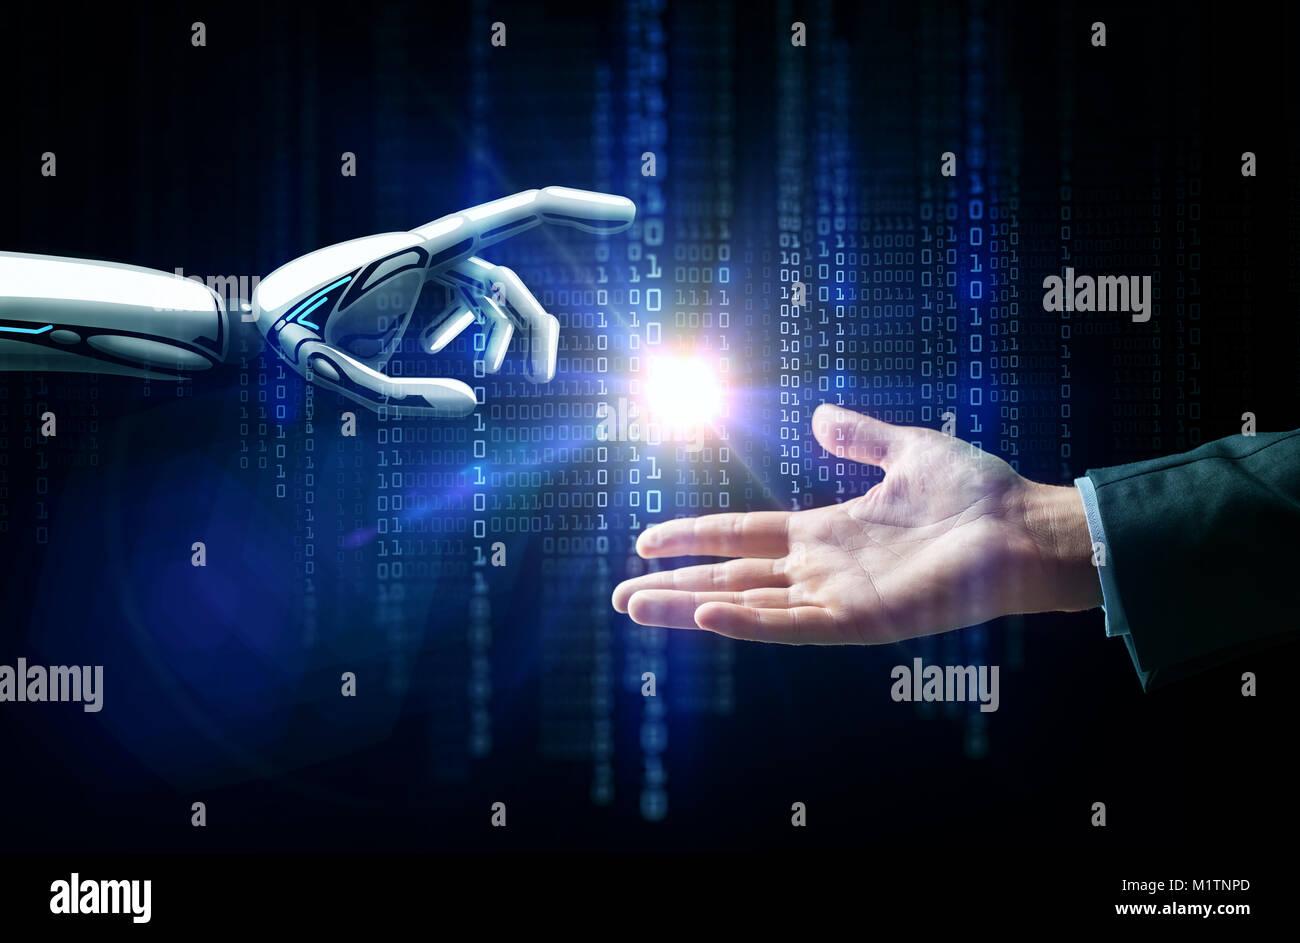 El robot y la mano humana, la luz del flash y el código binario Imagen De Stock